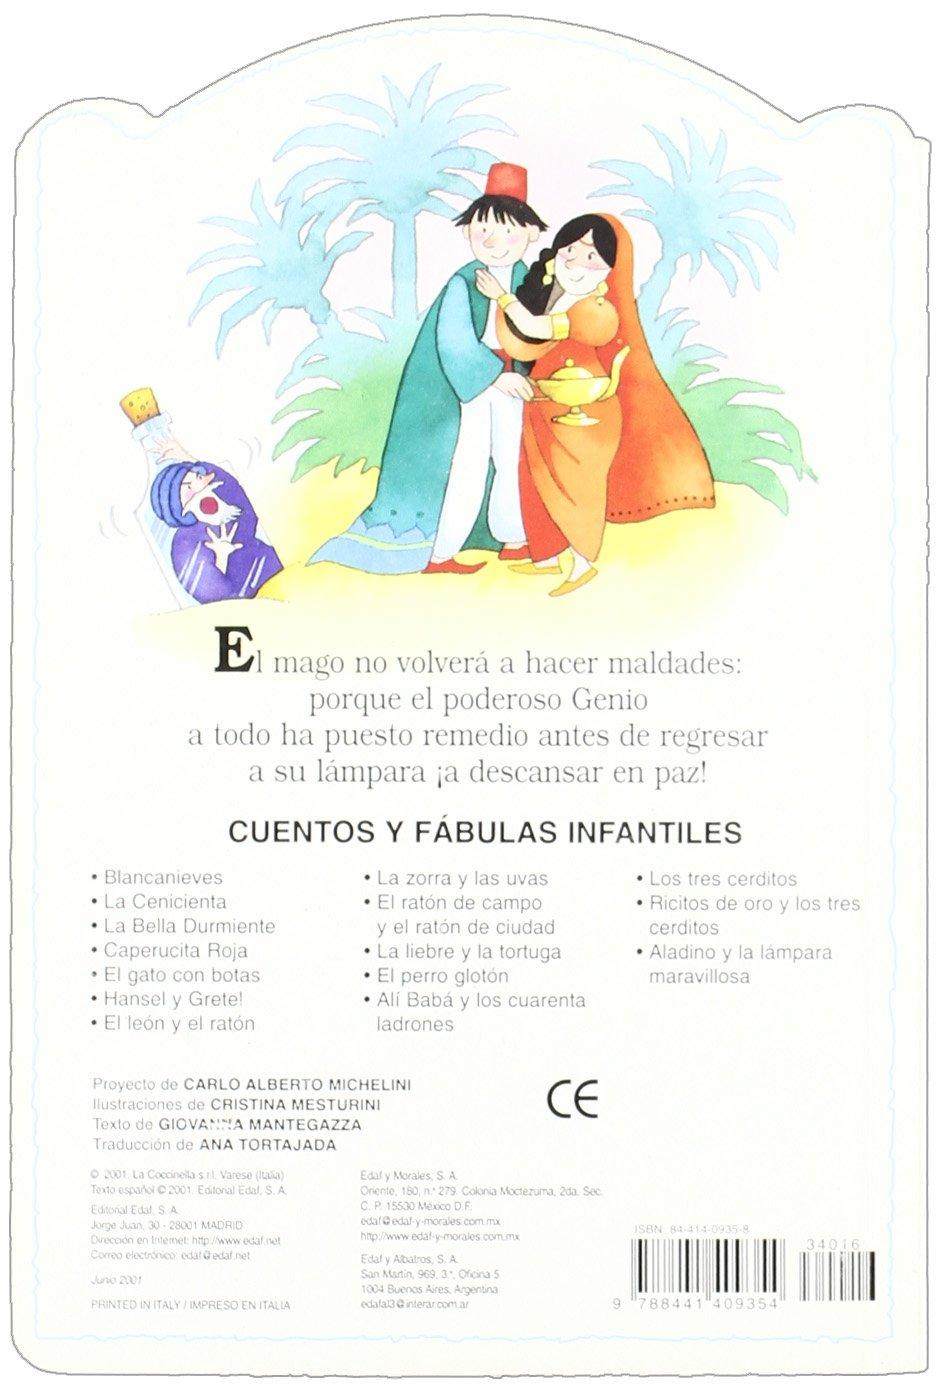 Aladino Y La Lampara Maravillosa (Cuentos y Fabulas Infantiles) (Spanish Edition): G. Mantegazza: 9788441409354: Amazon.com: Books